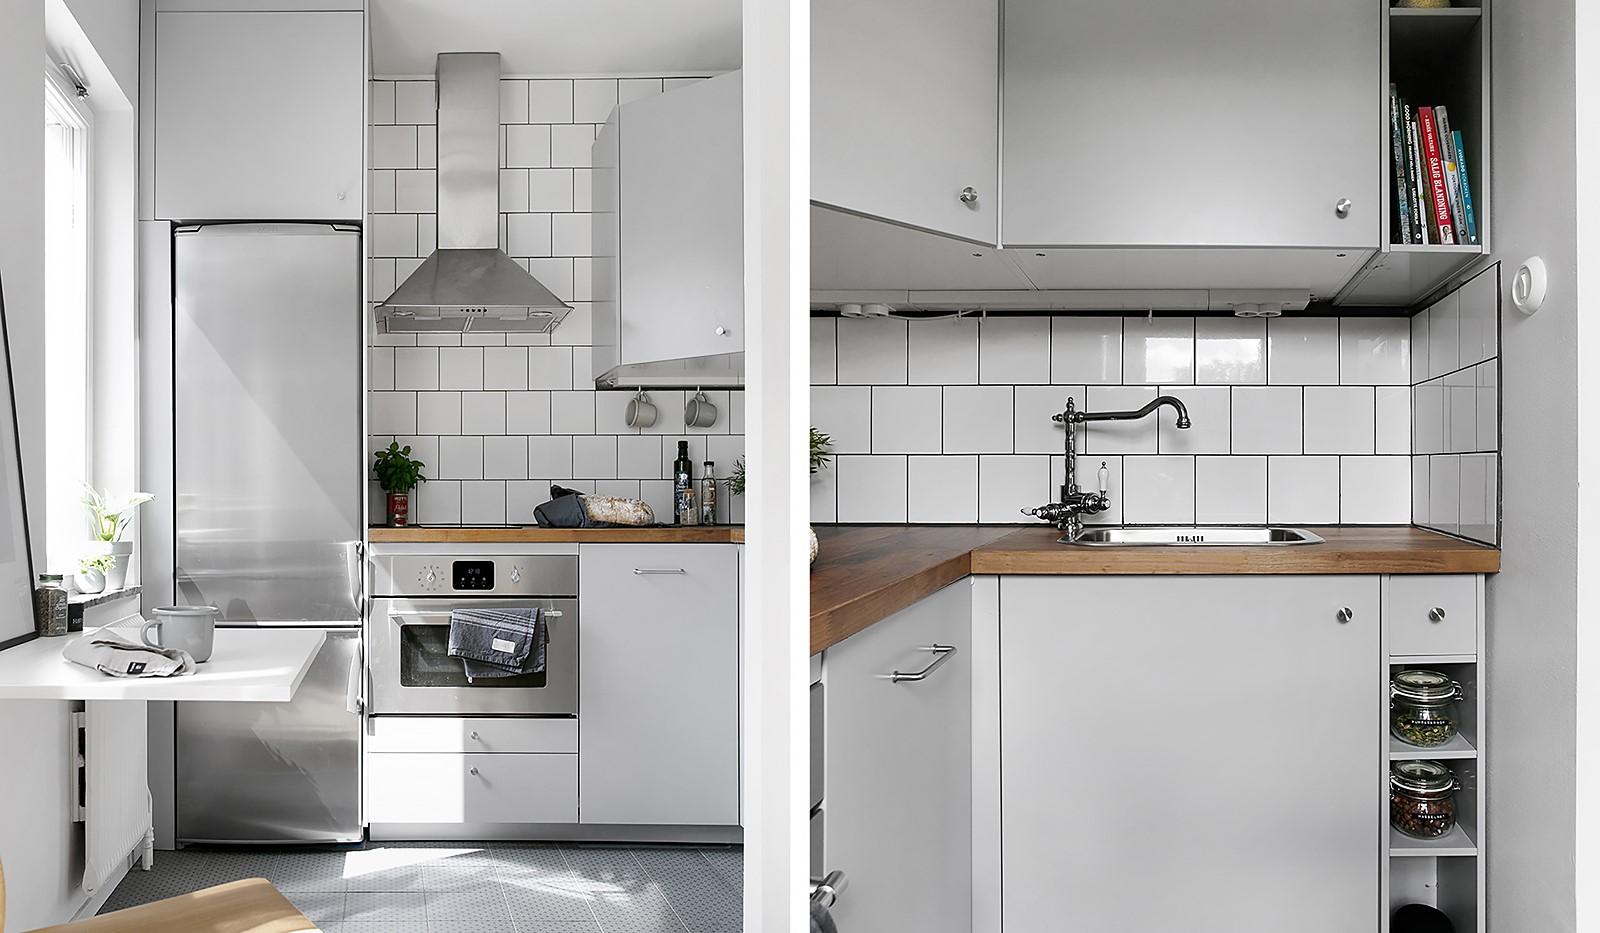 Kolbäcksgränd 28, 2 tr - Stilrent och modernt kök